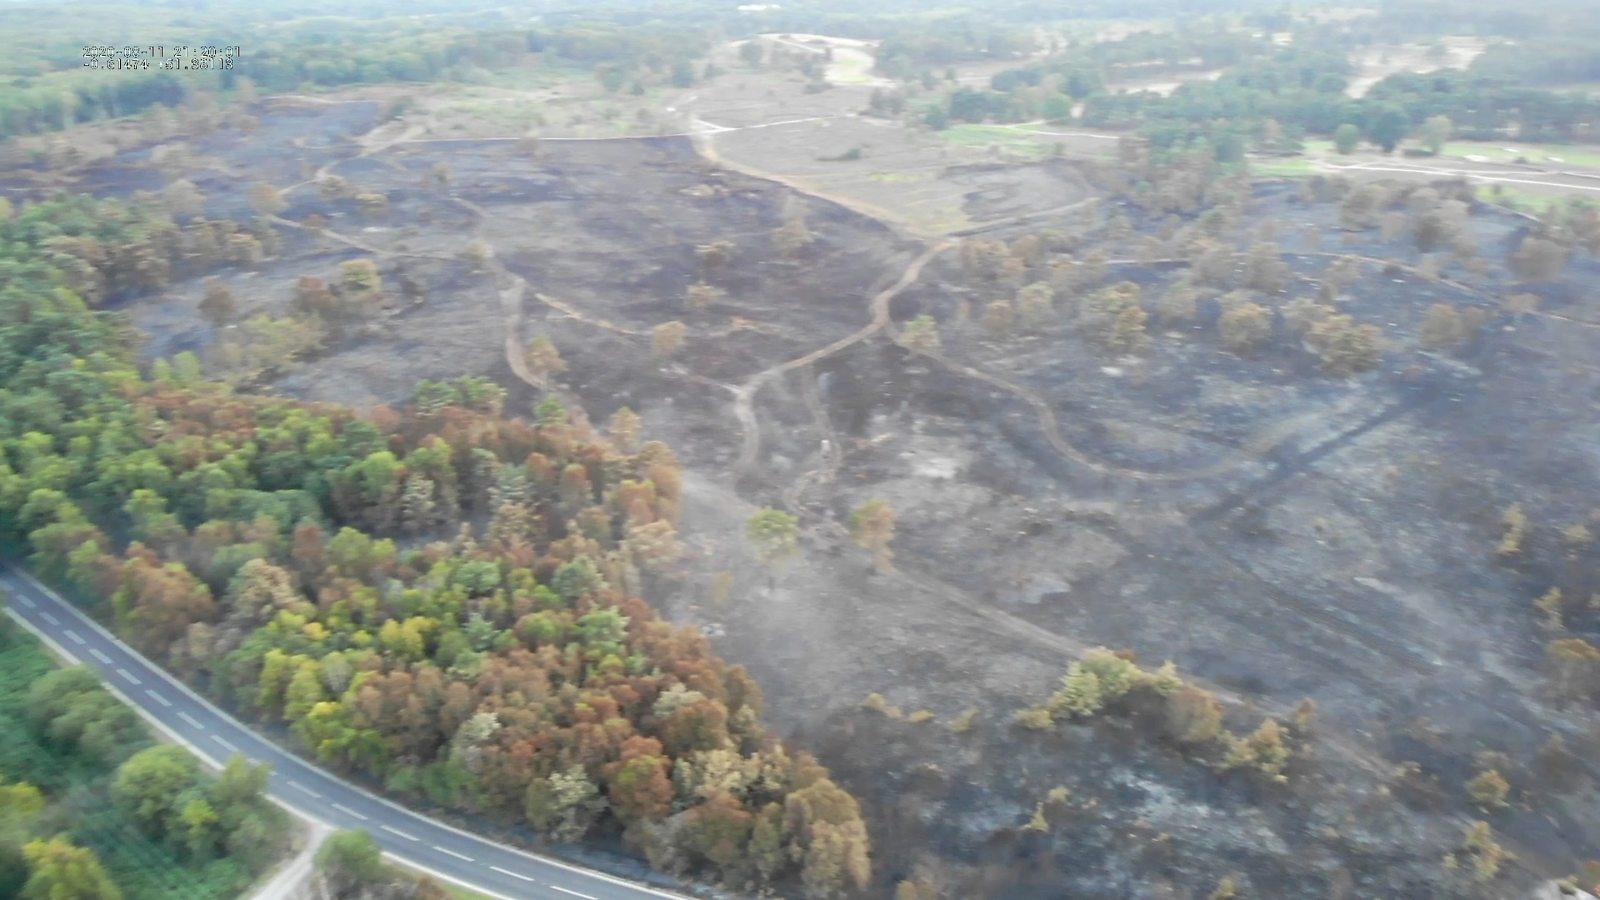 Drone footage shows heathland fire devastation